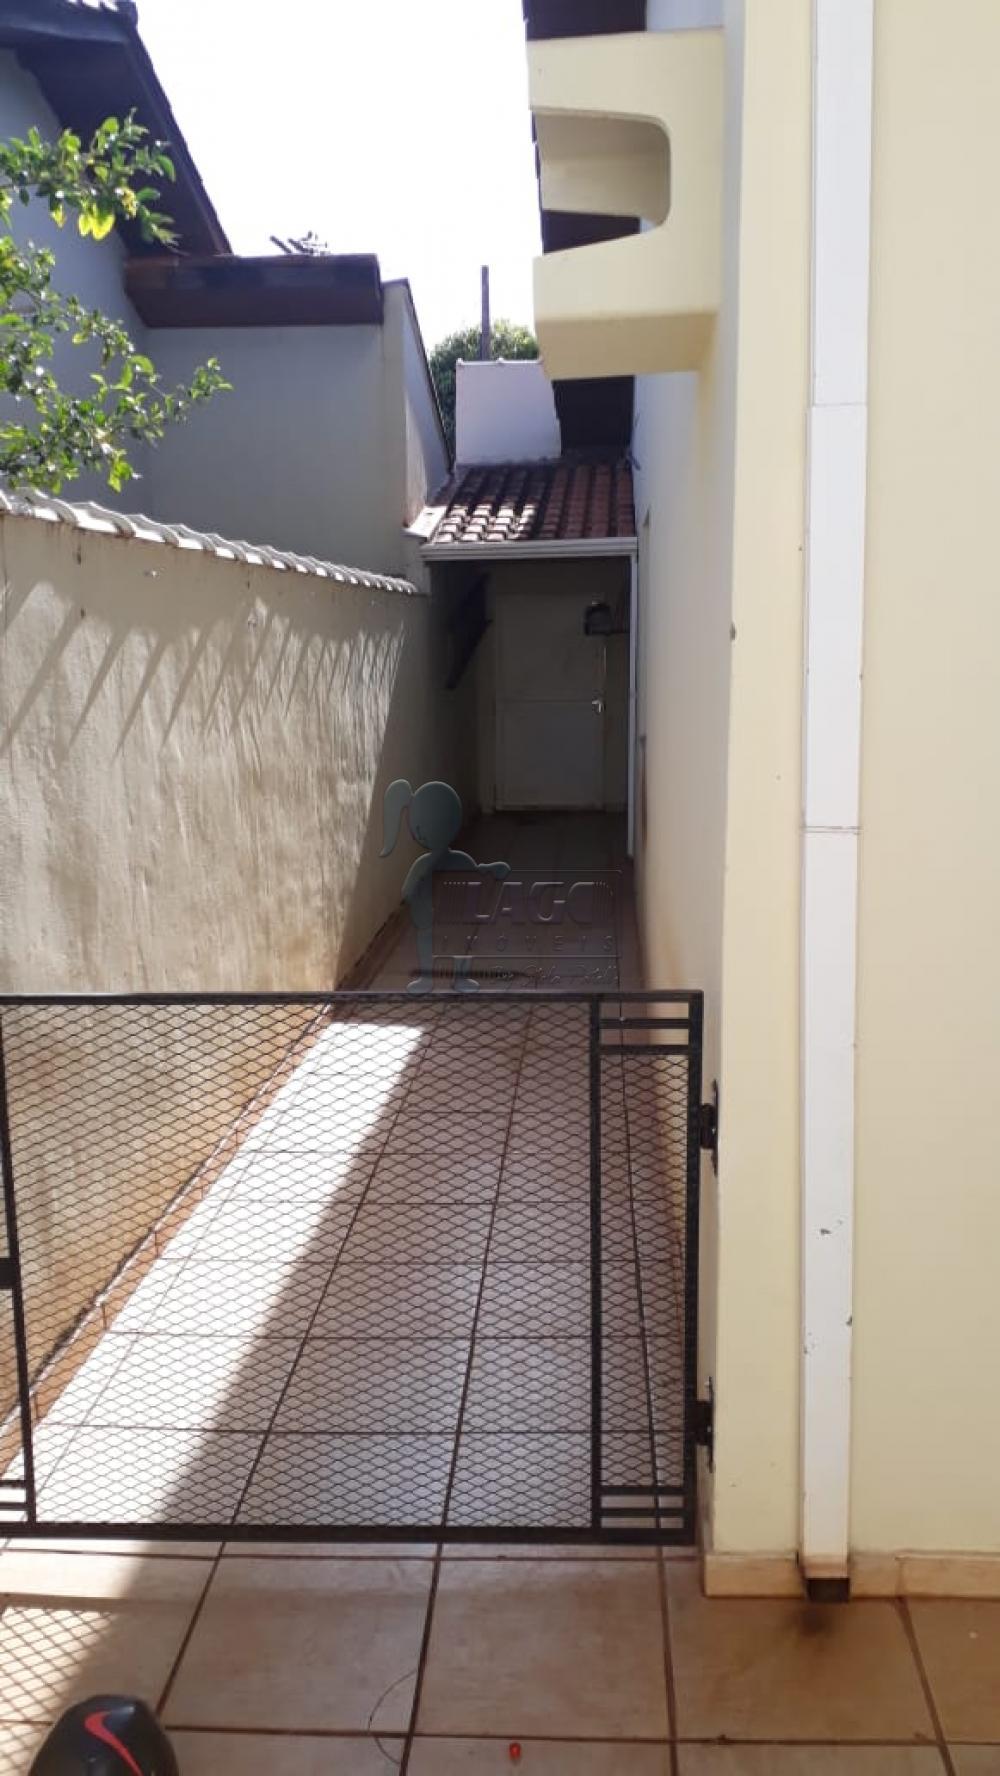 Alugar Casas / Condomínio em Ribeirão Preto apenas R$ 1.415,00 - Foto 14